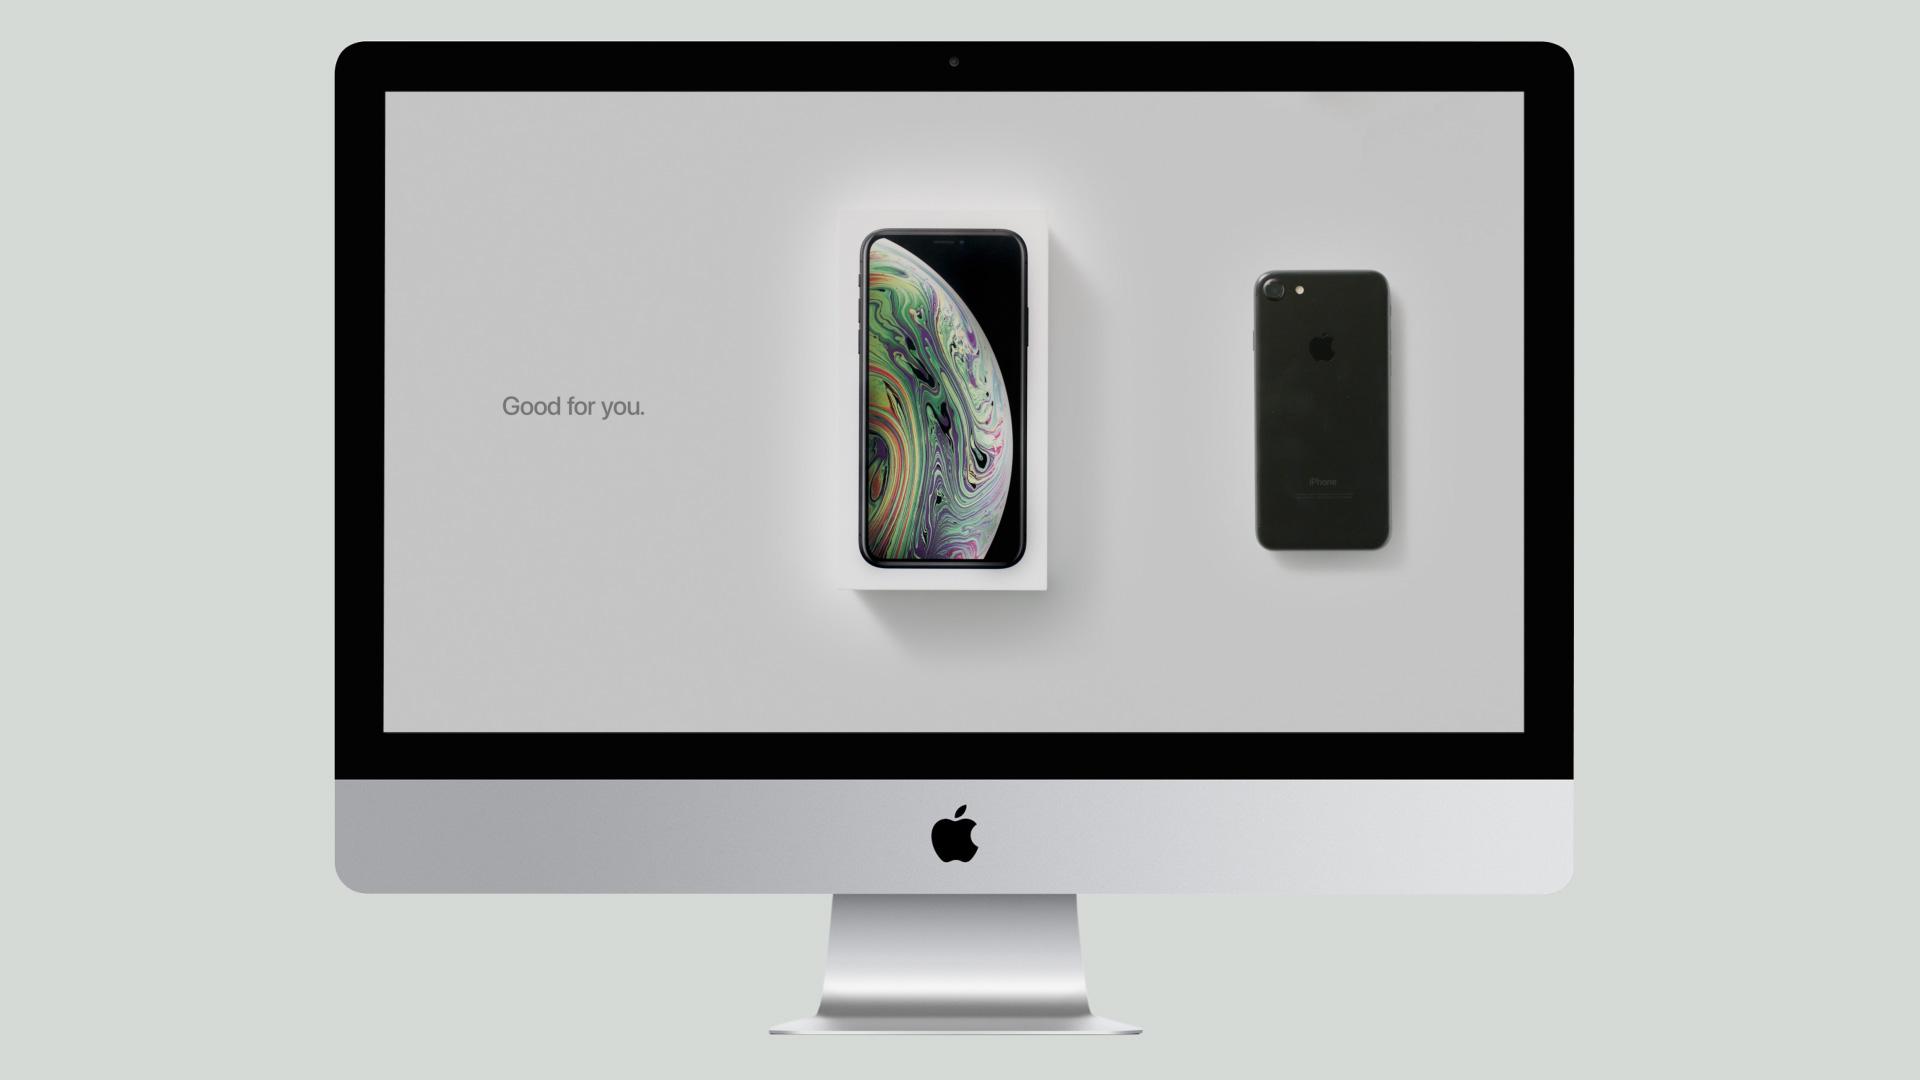 iMac_5k_device_overlay 2_00292.jpg